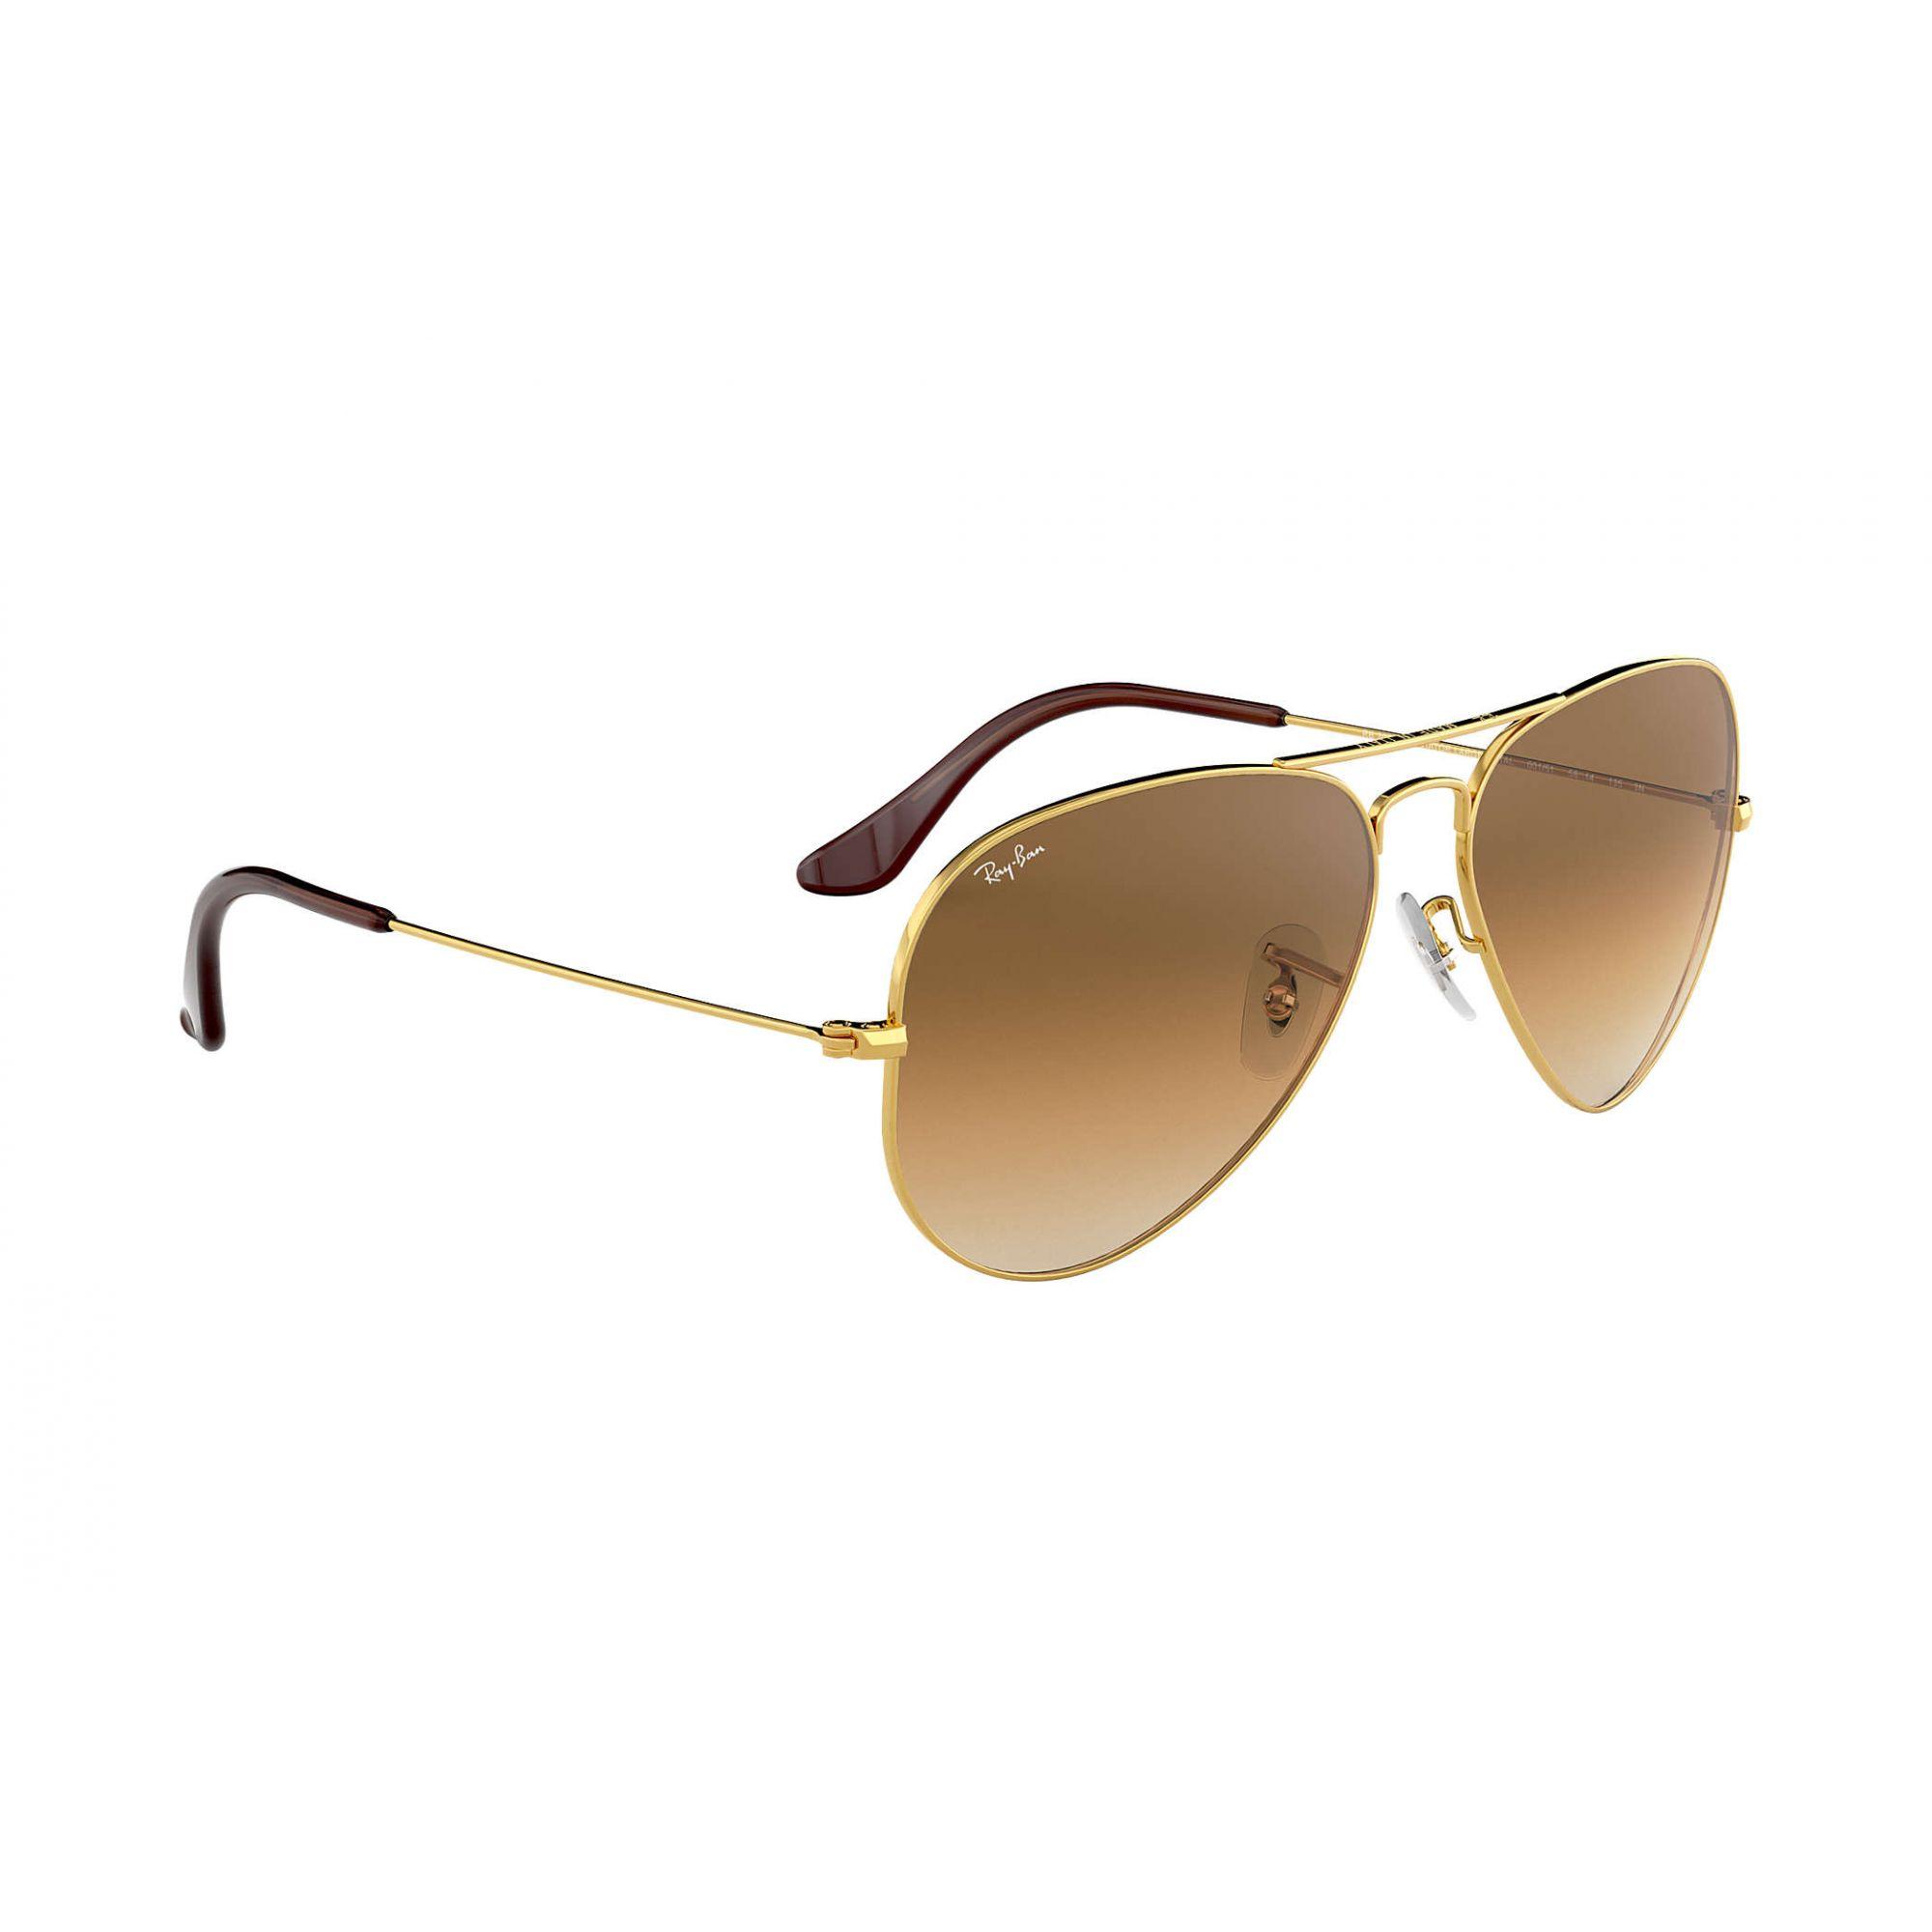 Óculos de Sol Ray-Ban Aviador Dourado com Lentes Marrom